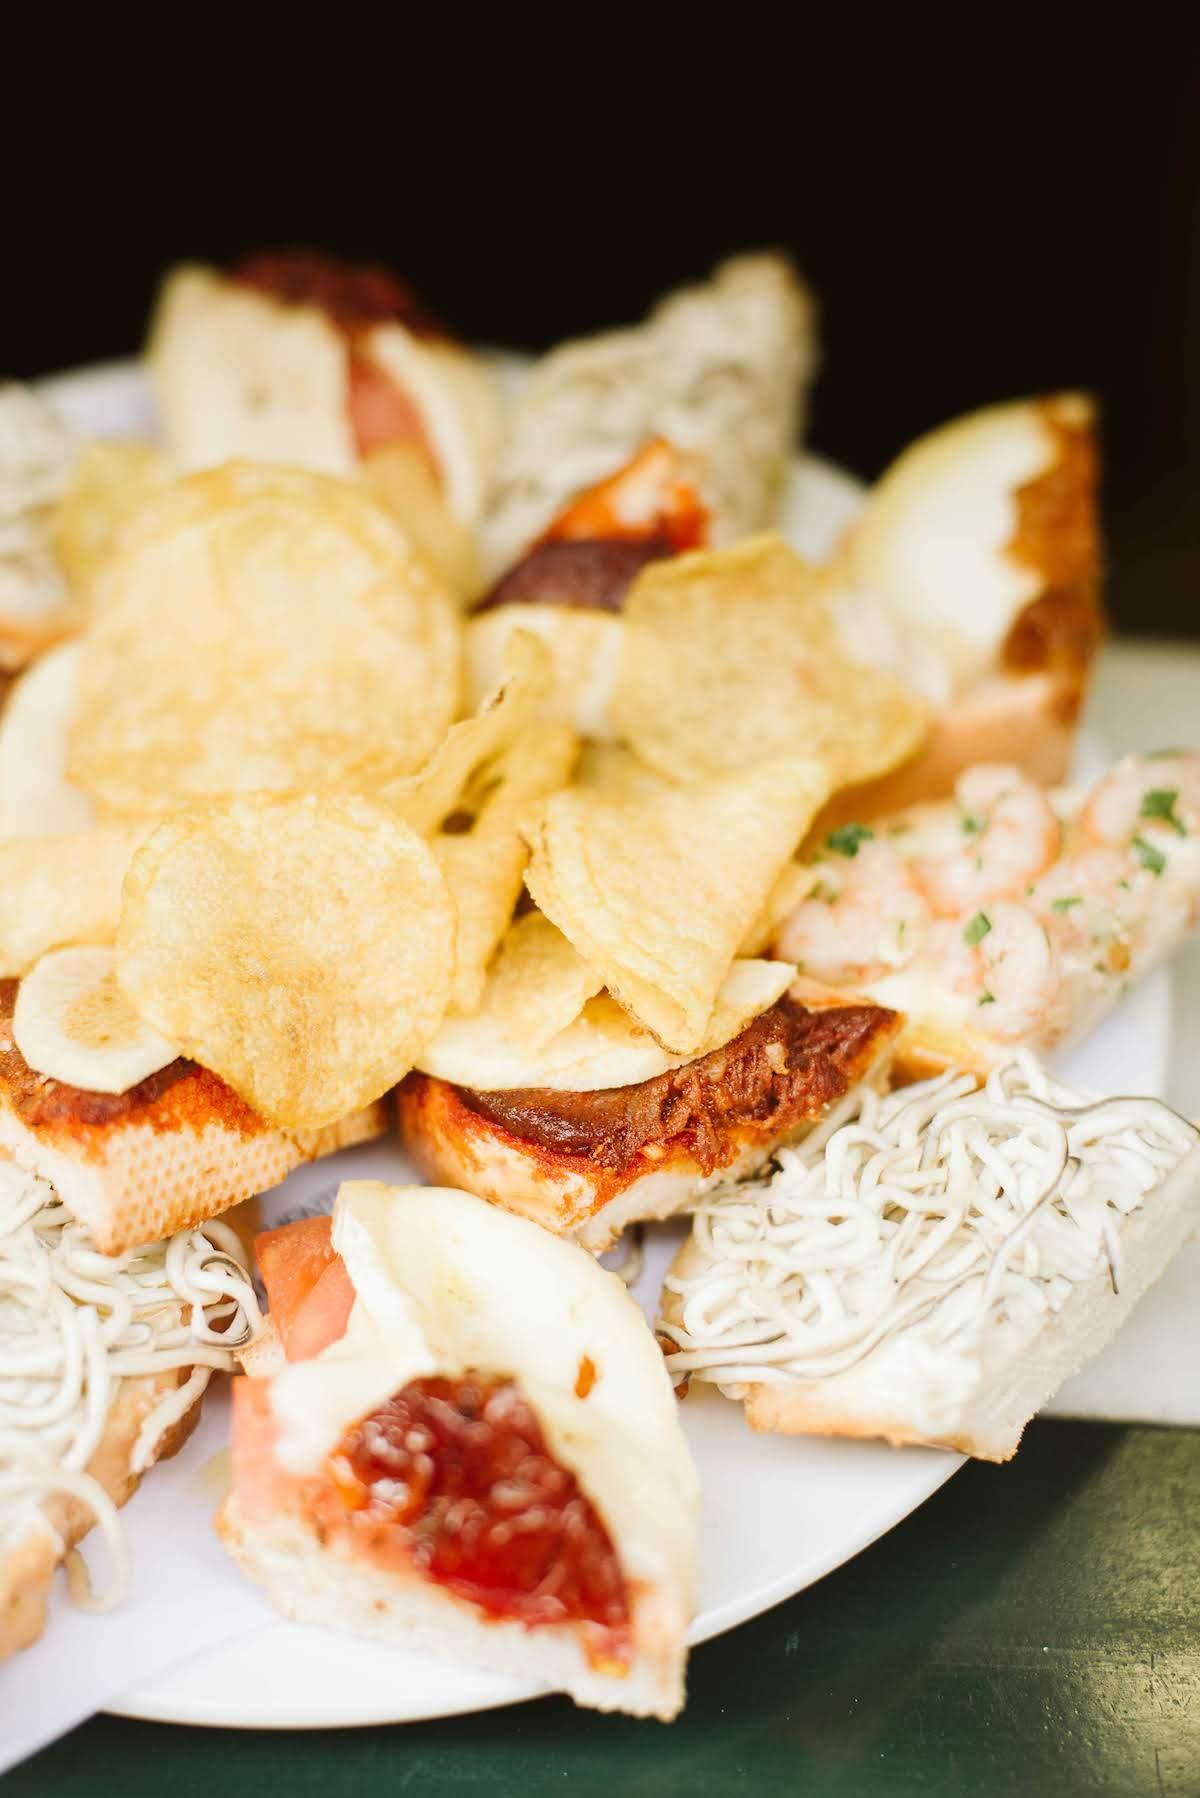 Plato de bocadillos pequeños abiertos con varios aderezos, con un montón de patatas fritas en el medio.